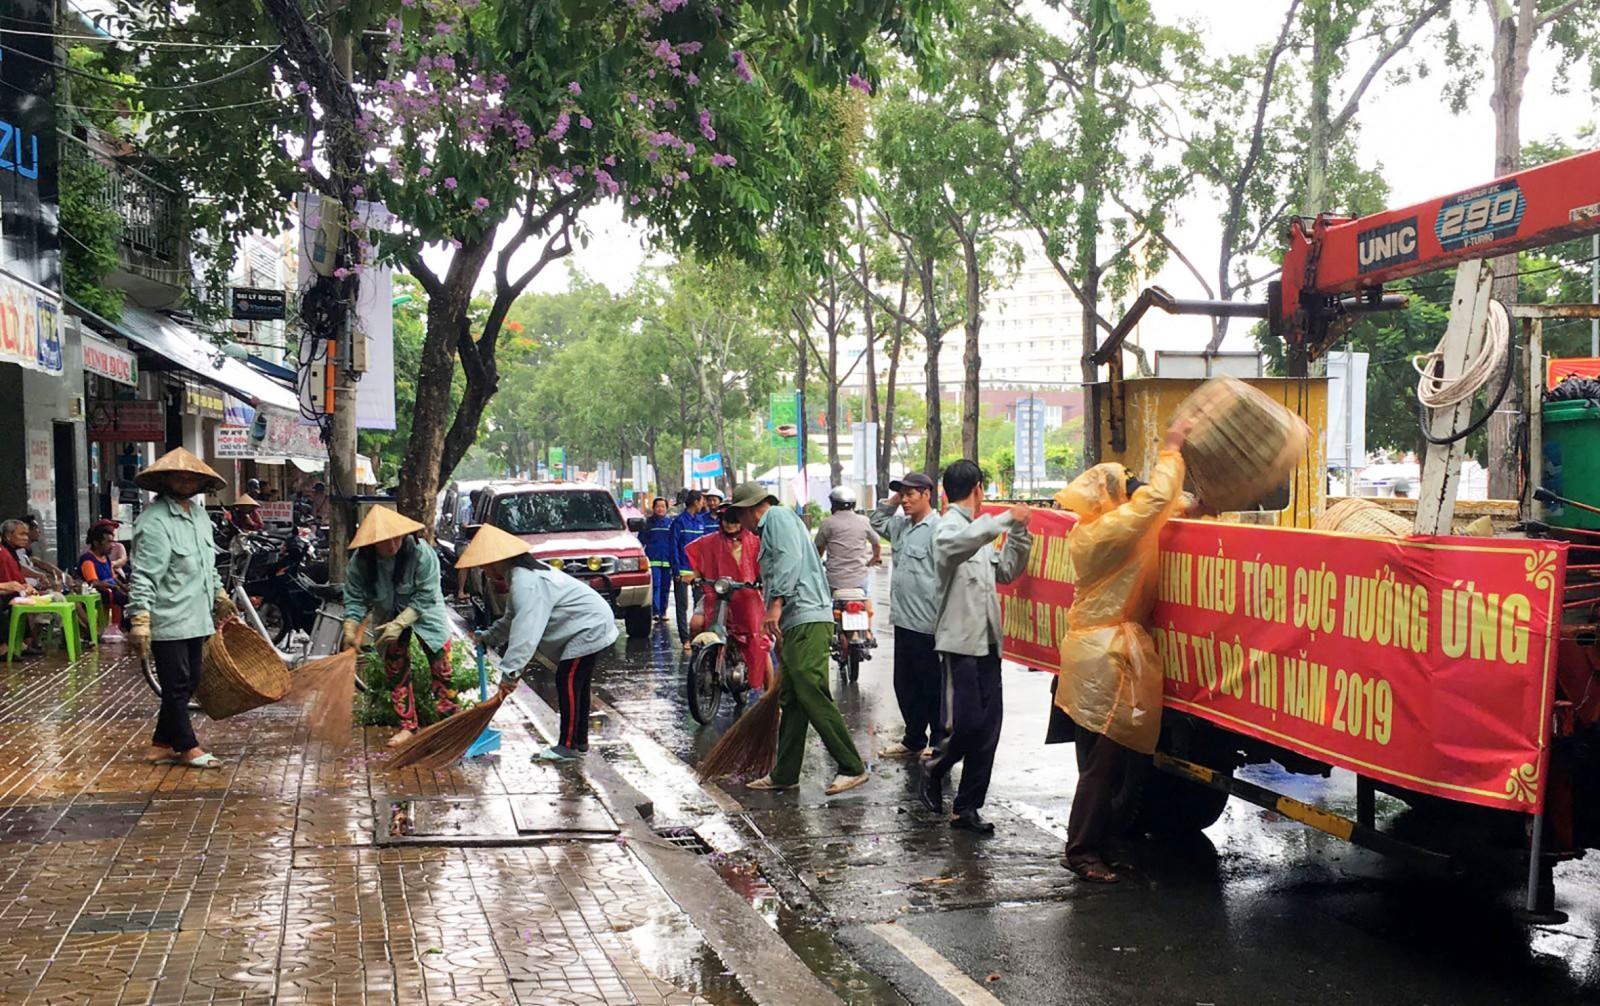 Công nhân viên chức và người lao động phường An Cư ra quân dọn dẹn vệ sinh môi trường trên đường Lý Tự Trọng.